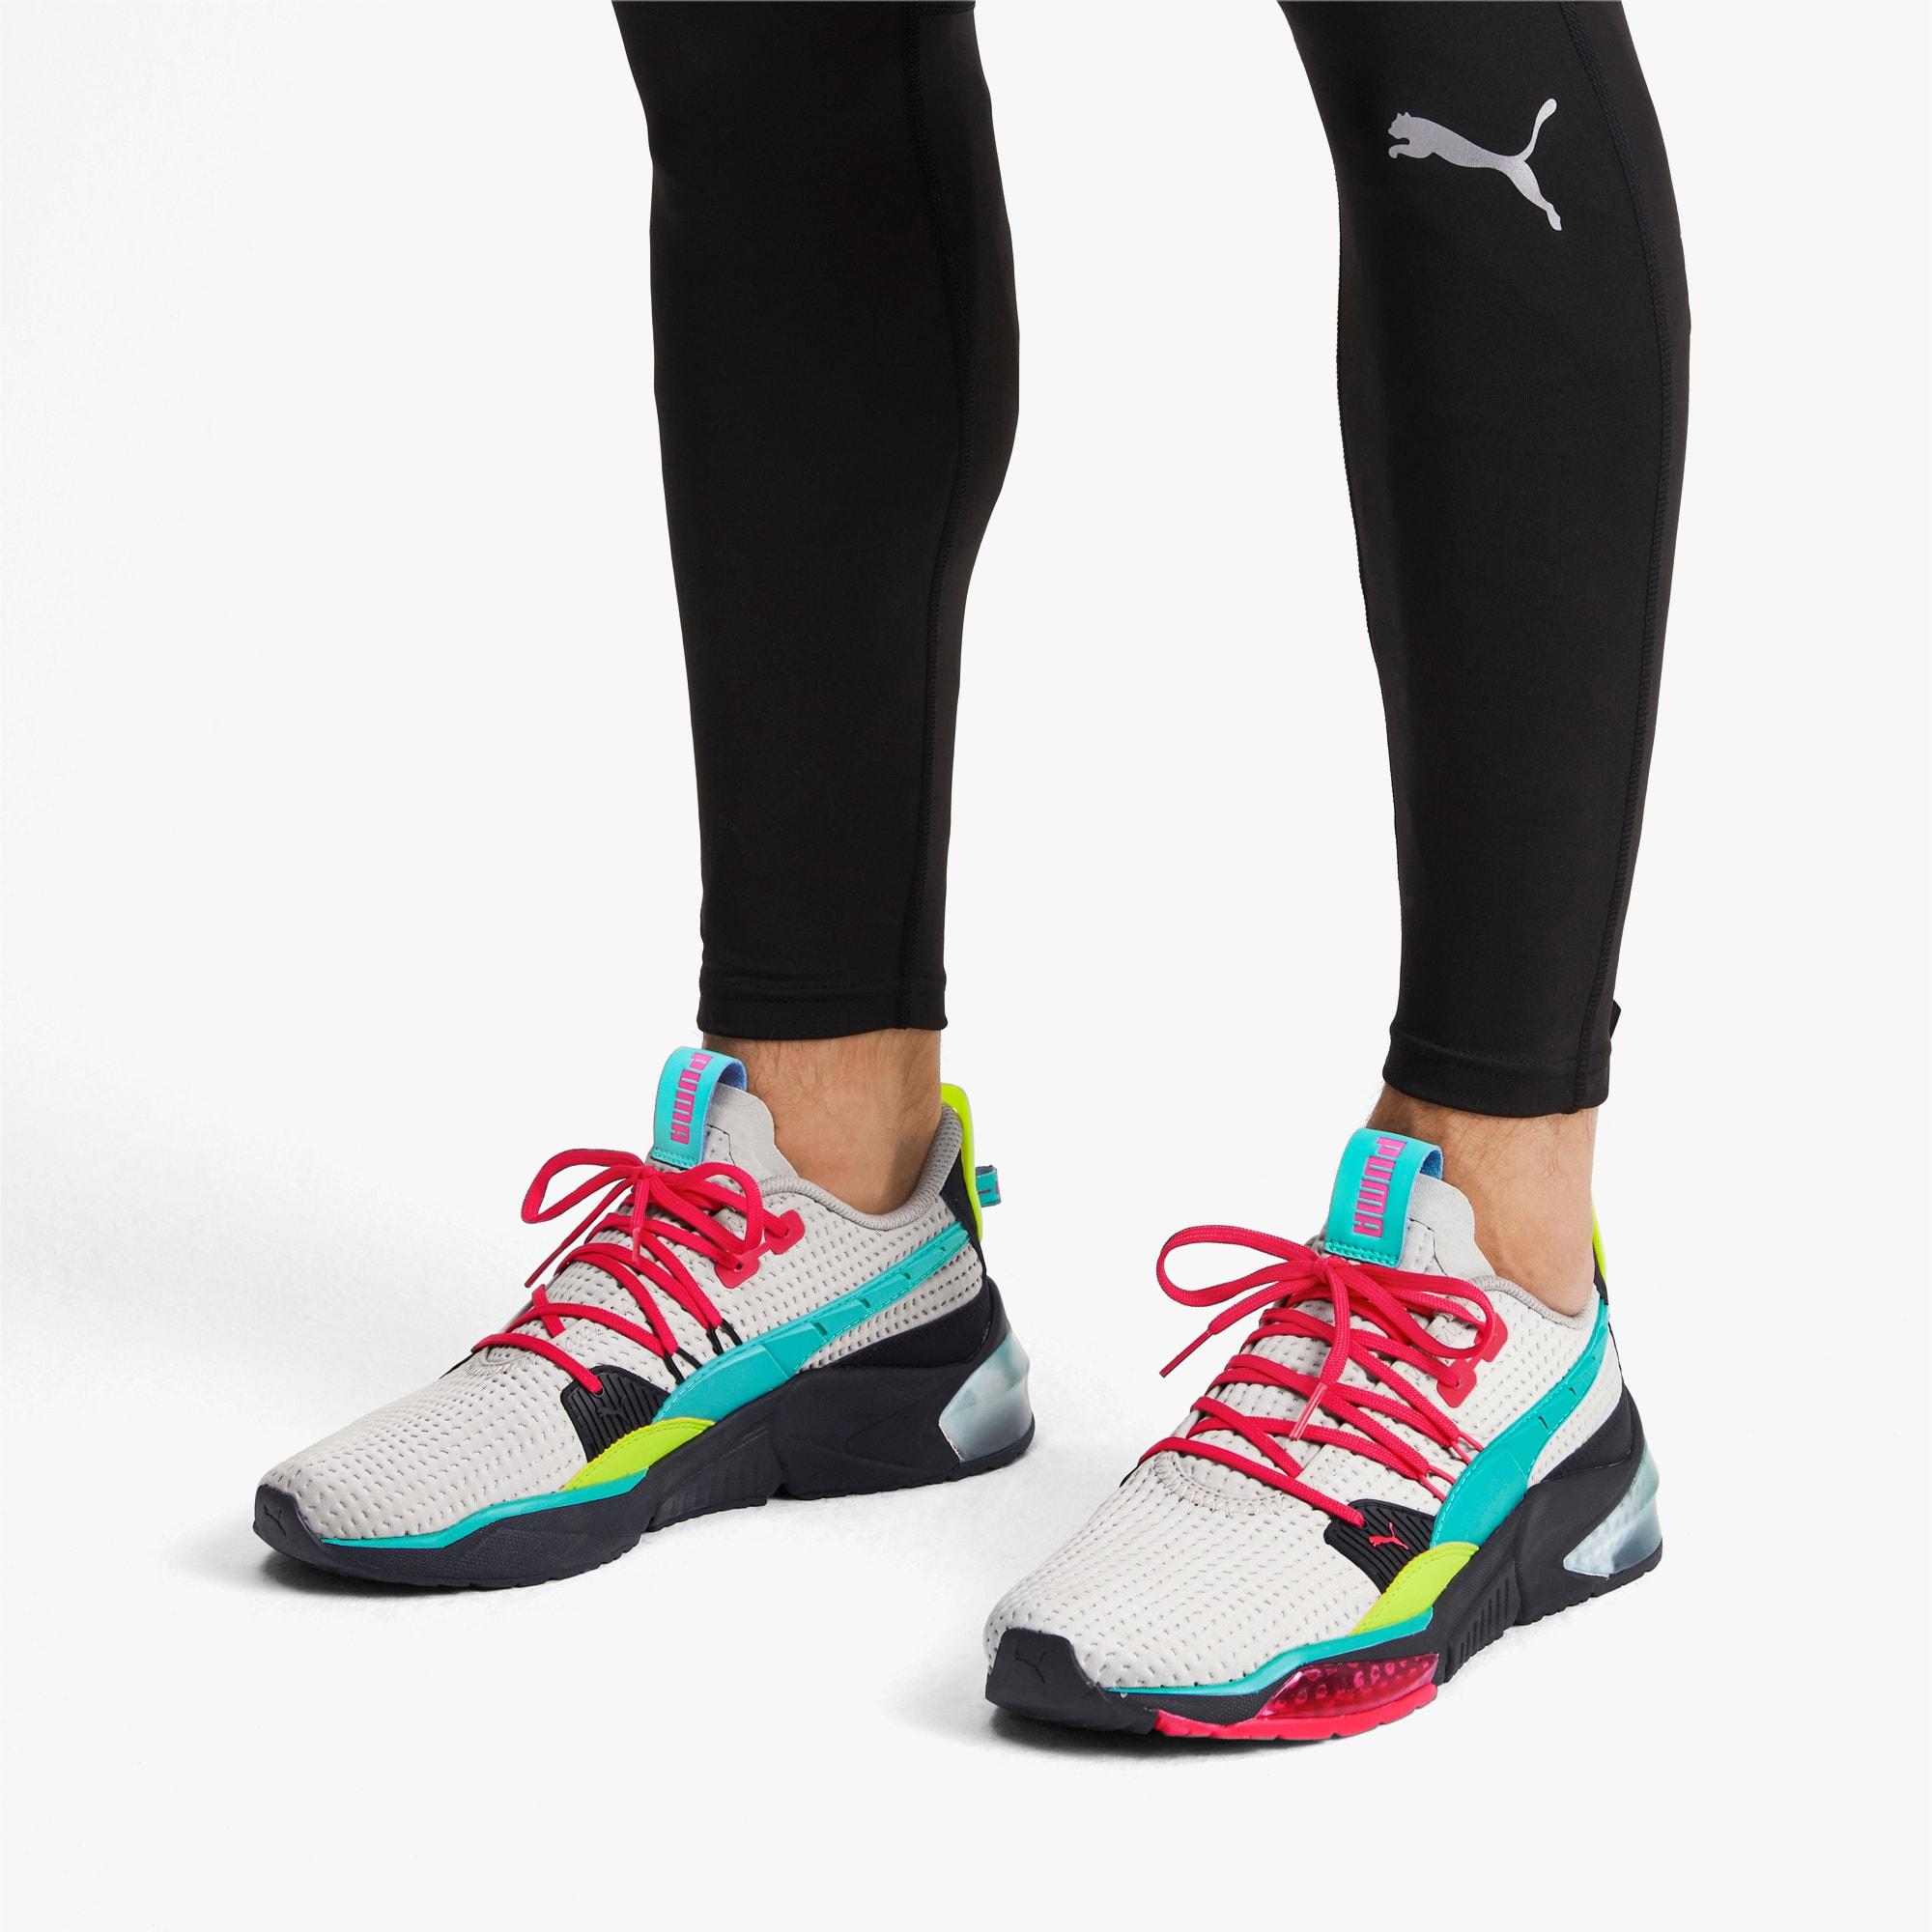 LQDCELL Optic Flight Suit Men's Training Shoes